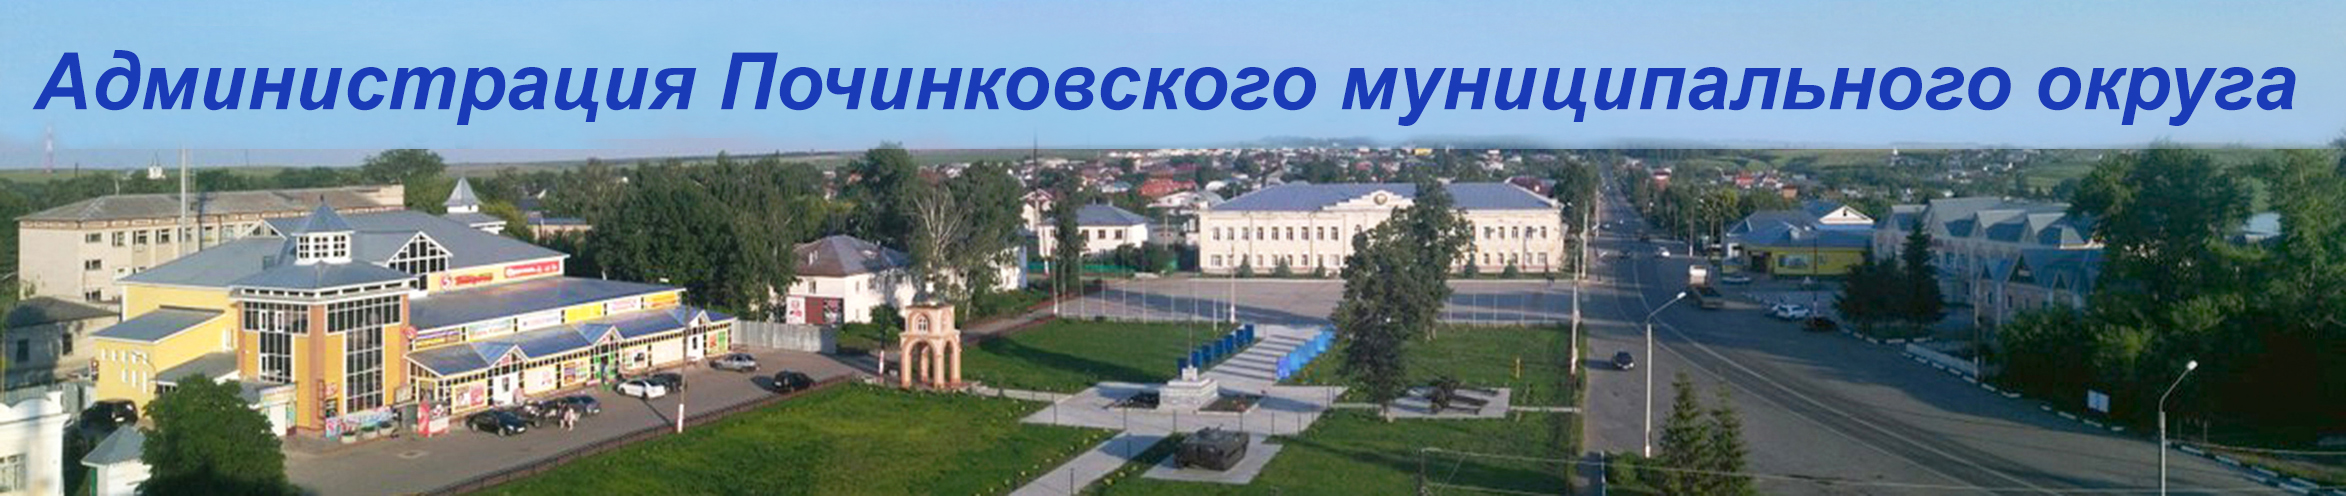 Администрация Починковского округа